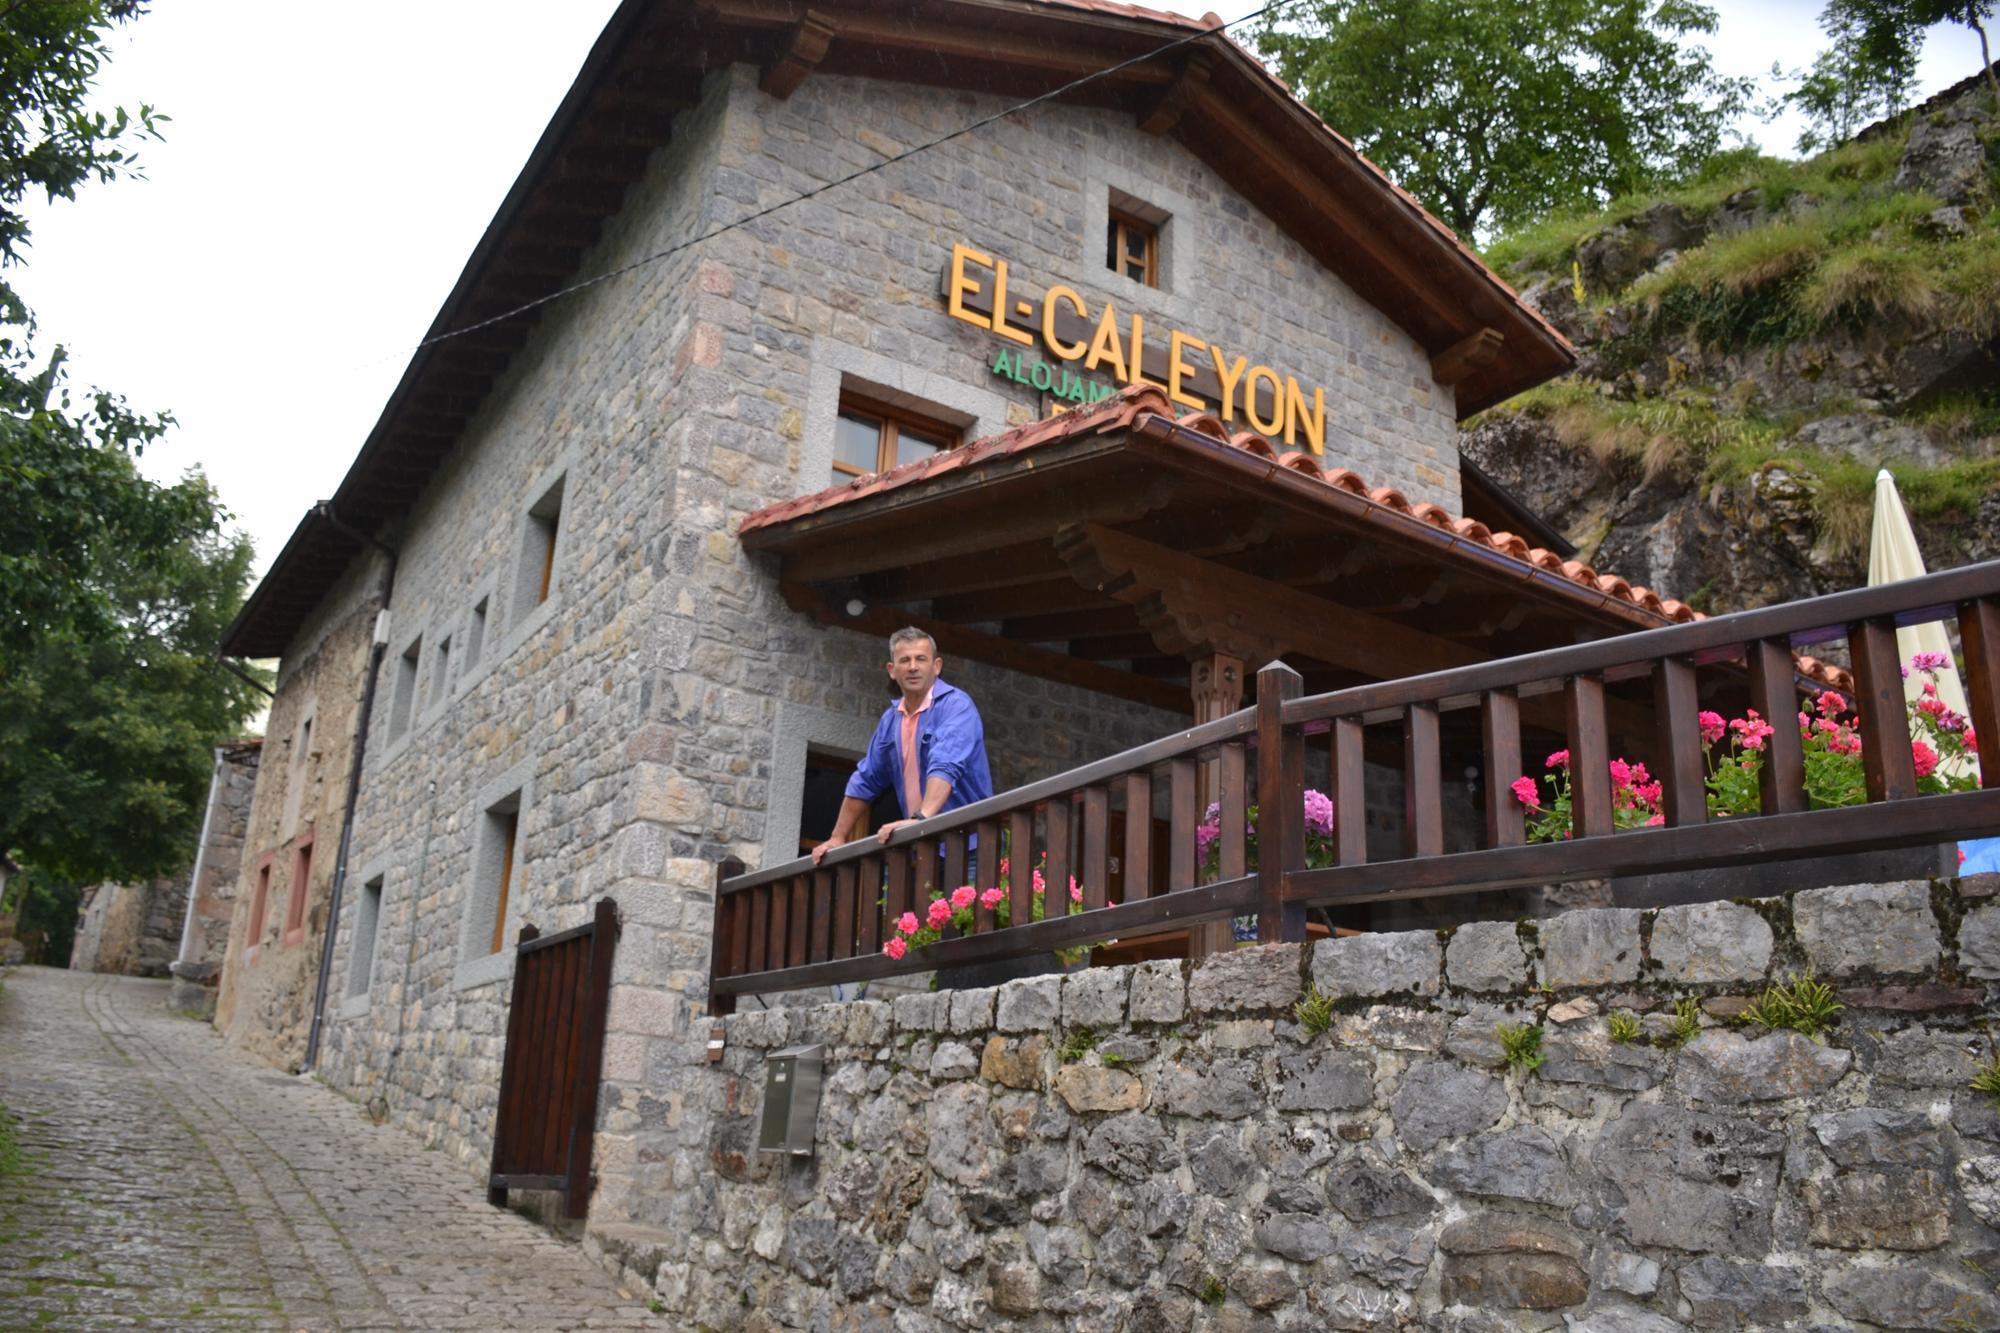 Rufino Mier, alcalde pedáneo de Bulnes, se asoma a la terraza del restaurante y alojamiento El Caleyón, en Bulnes de Arriba.